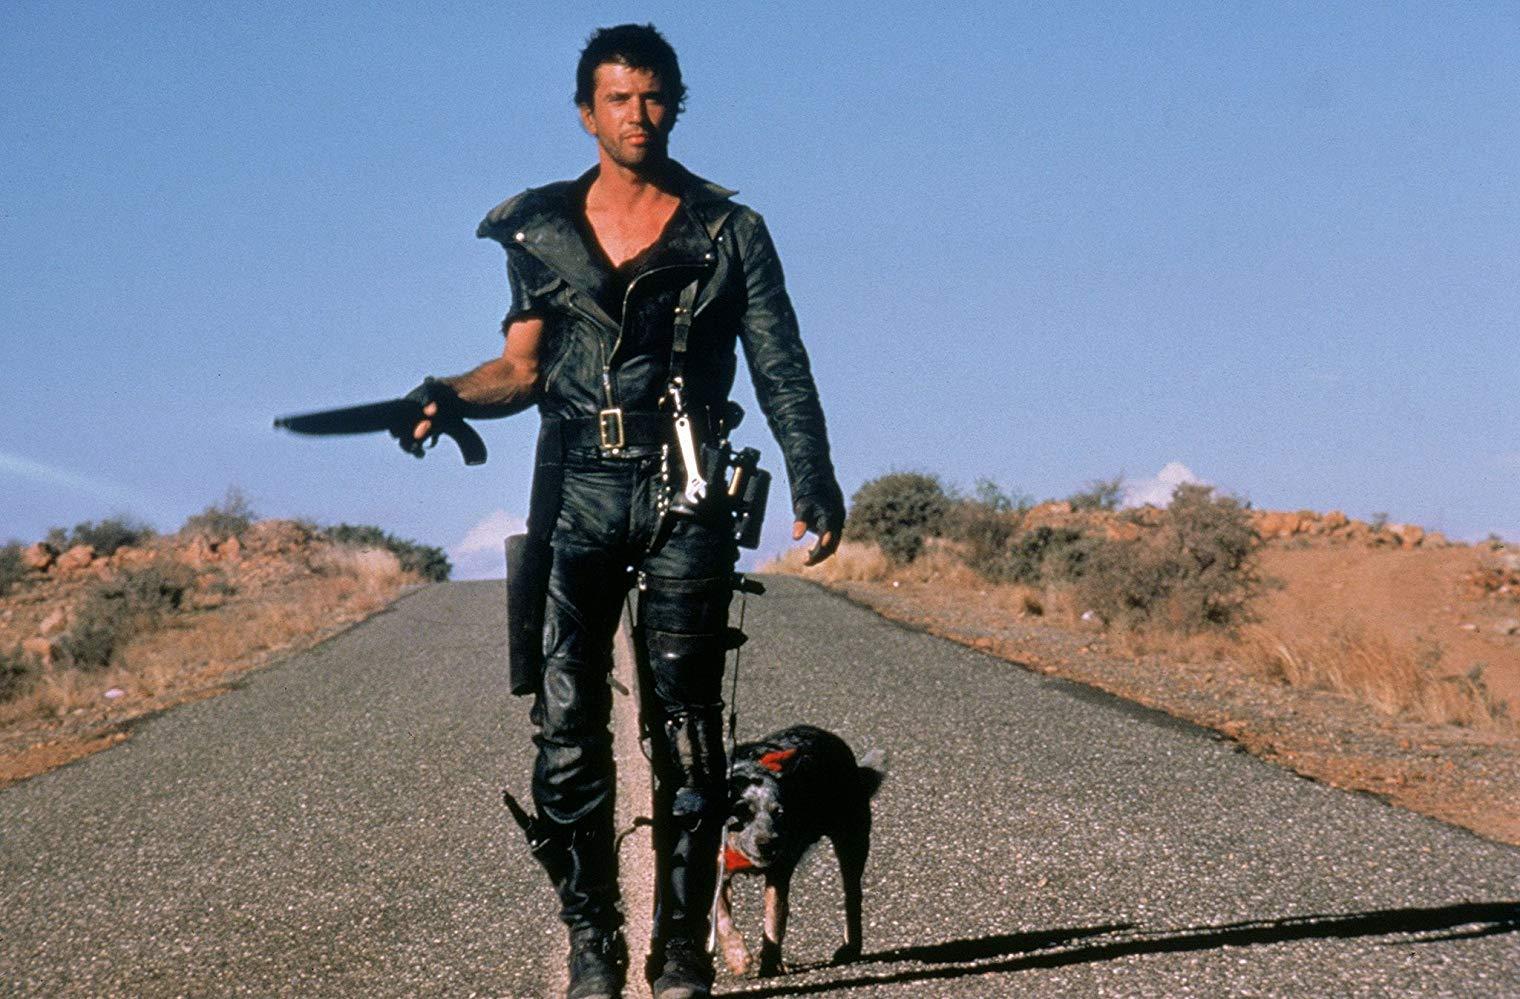 فيلم Mad Max 2 1981 مترجم